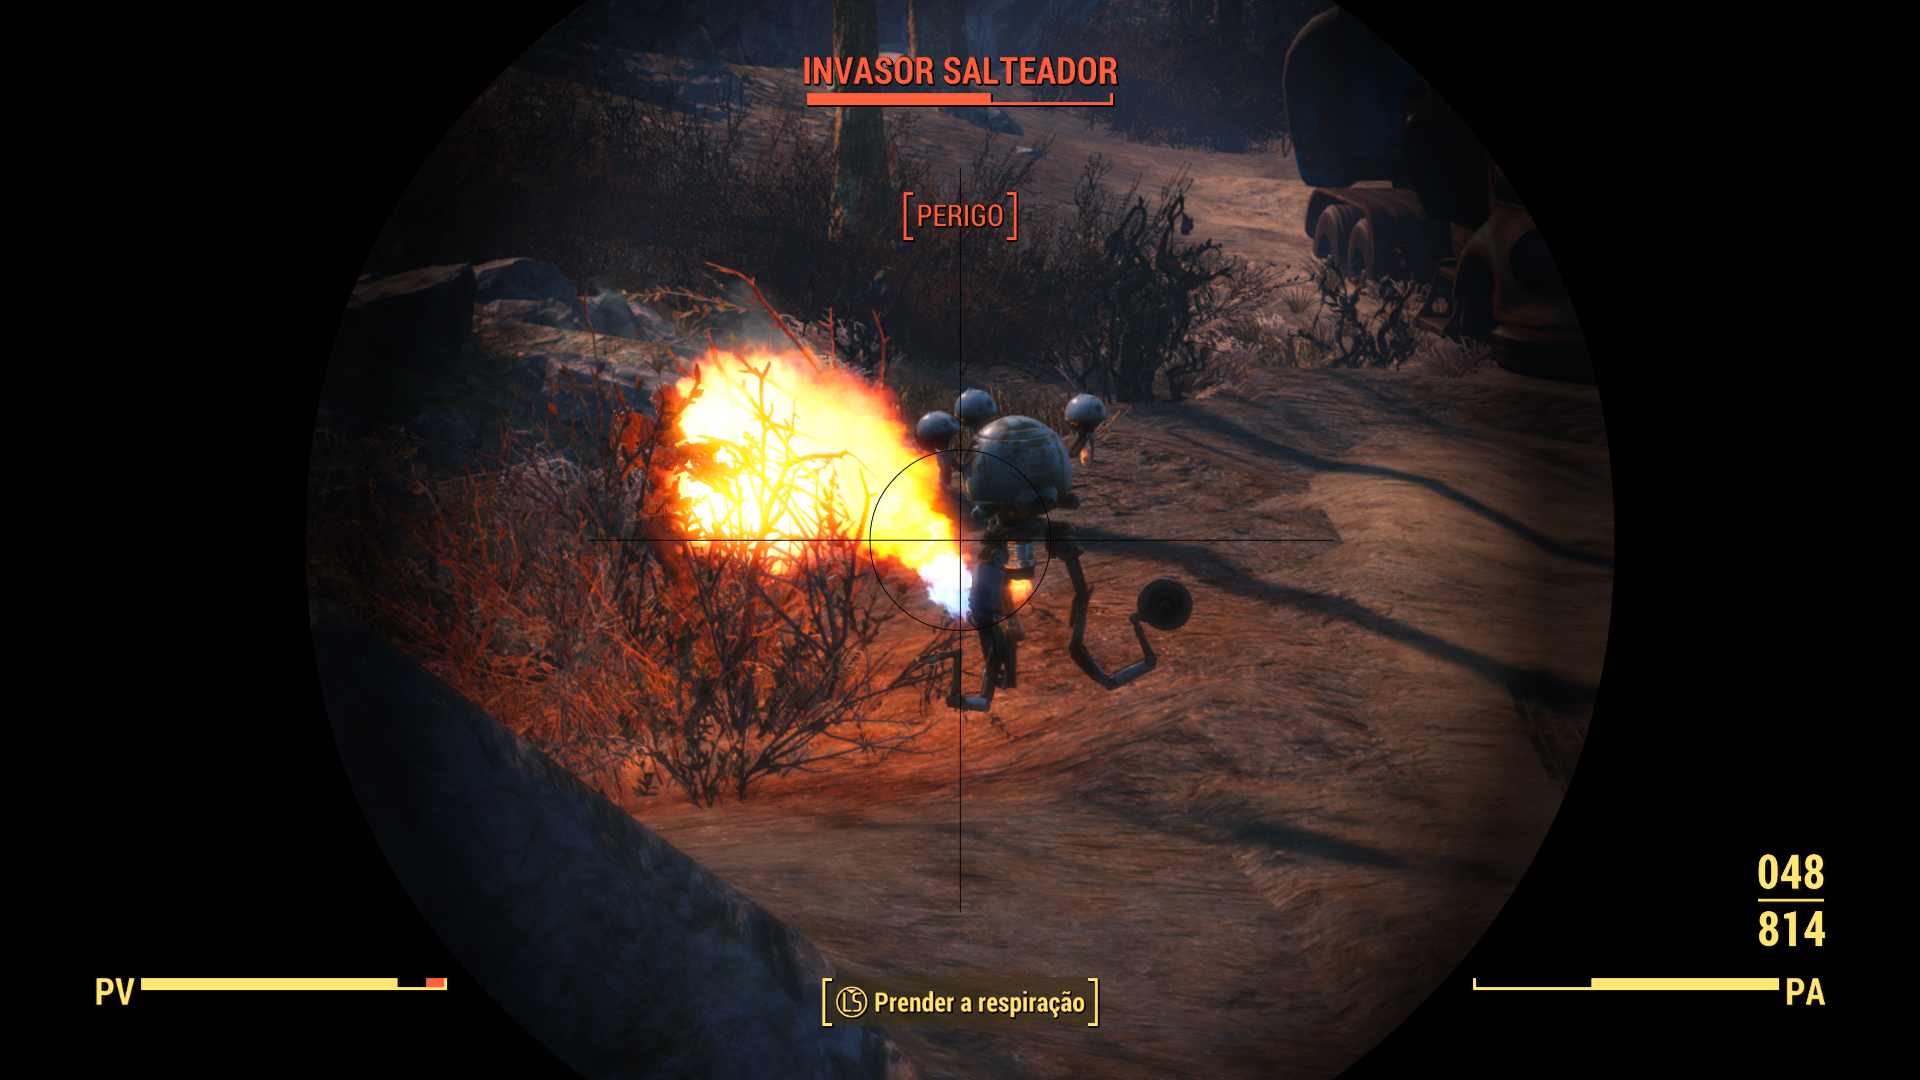 ScreenShot tirada em um Xbox One